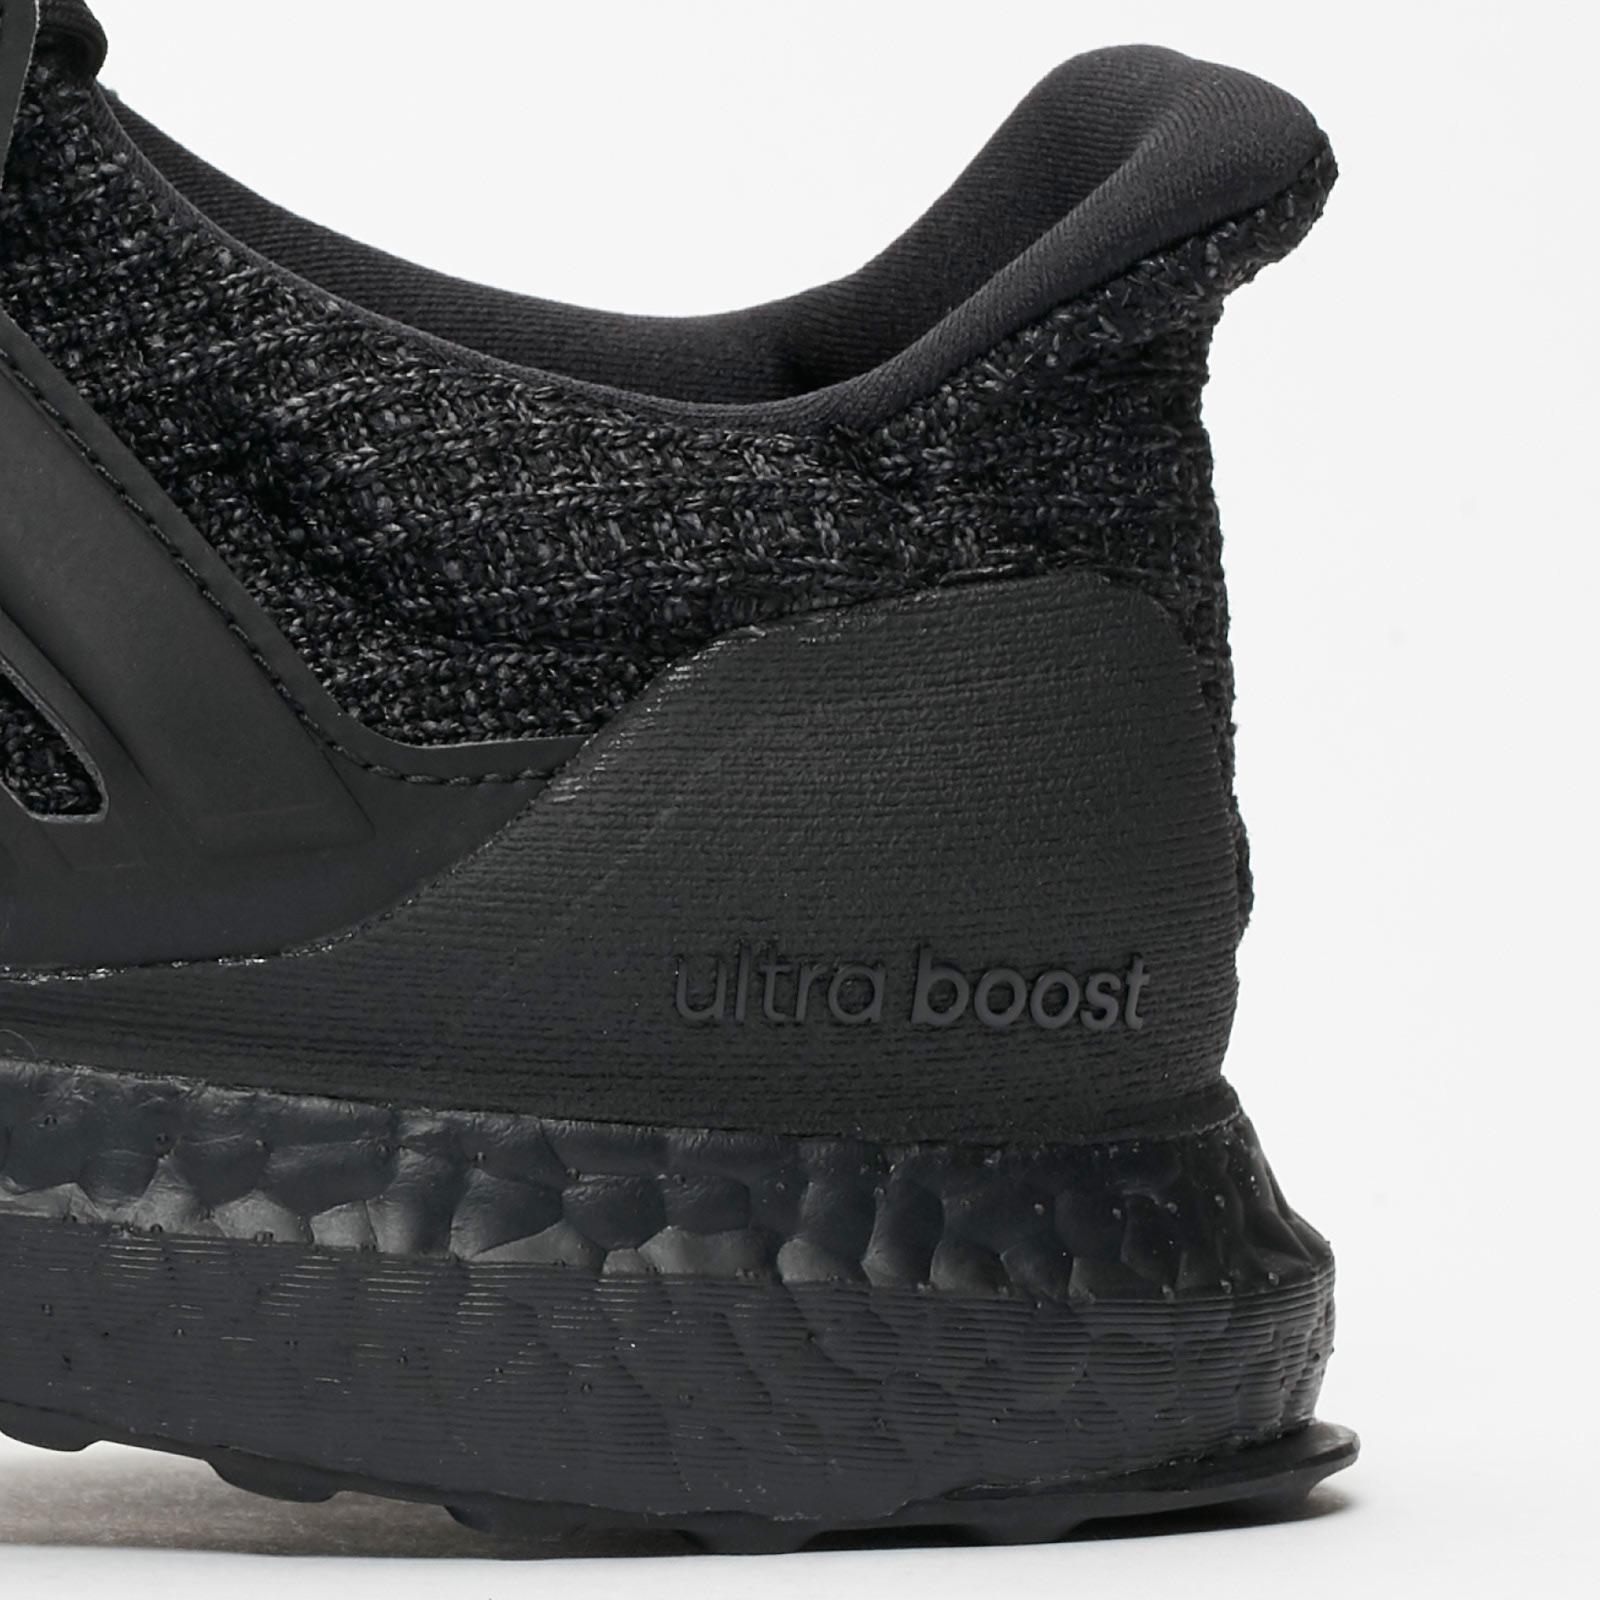 fa283759a77 adidas Ultraboost - F36641 - Sneakersnstuff